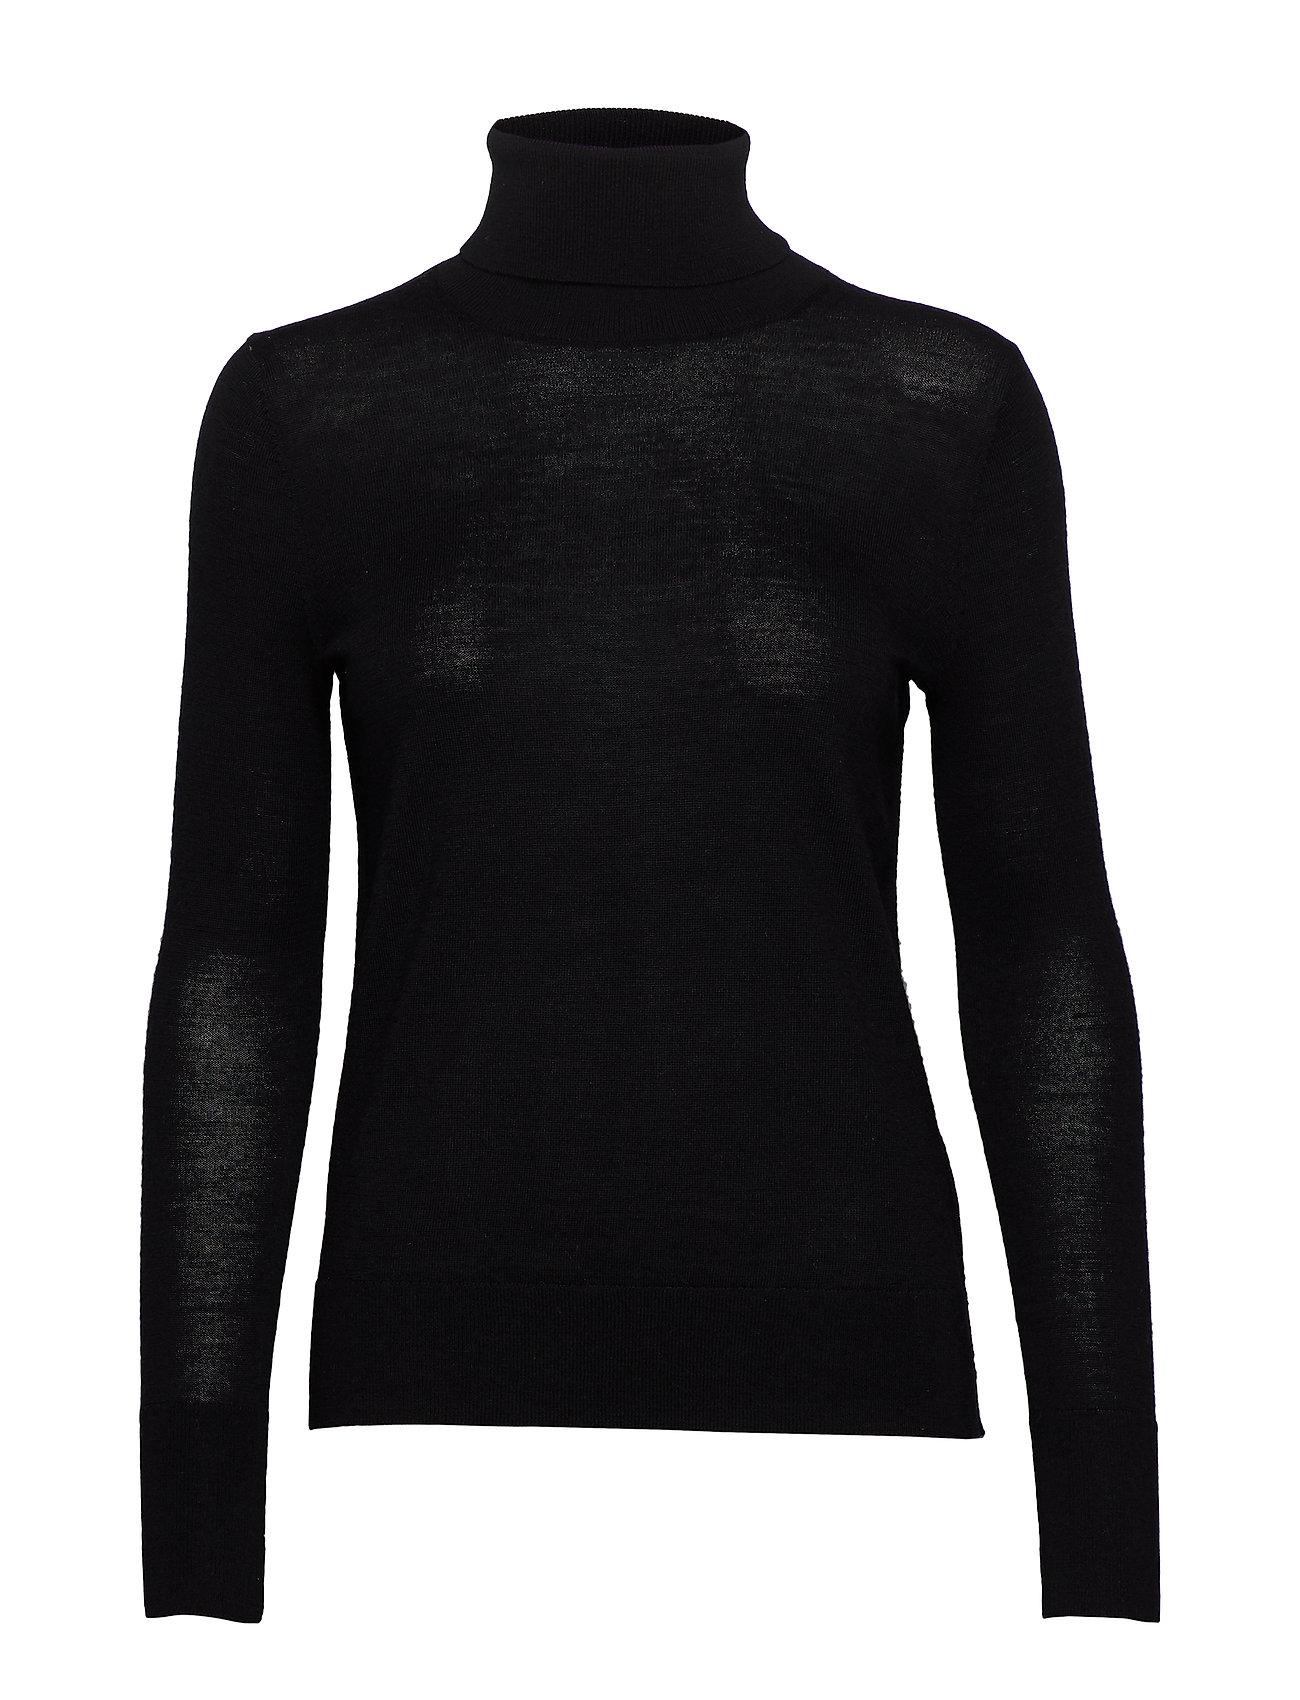 GAP Turtleneck Sweater in Merino Wool - TRUE BLACK